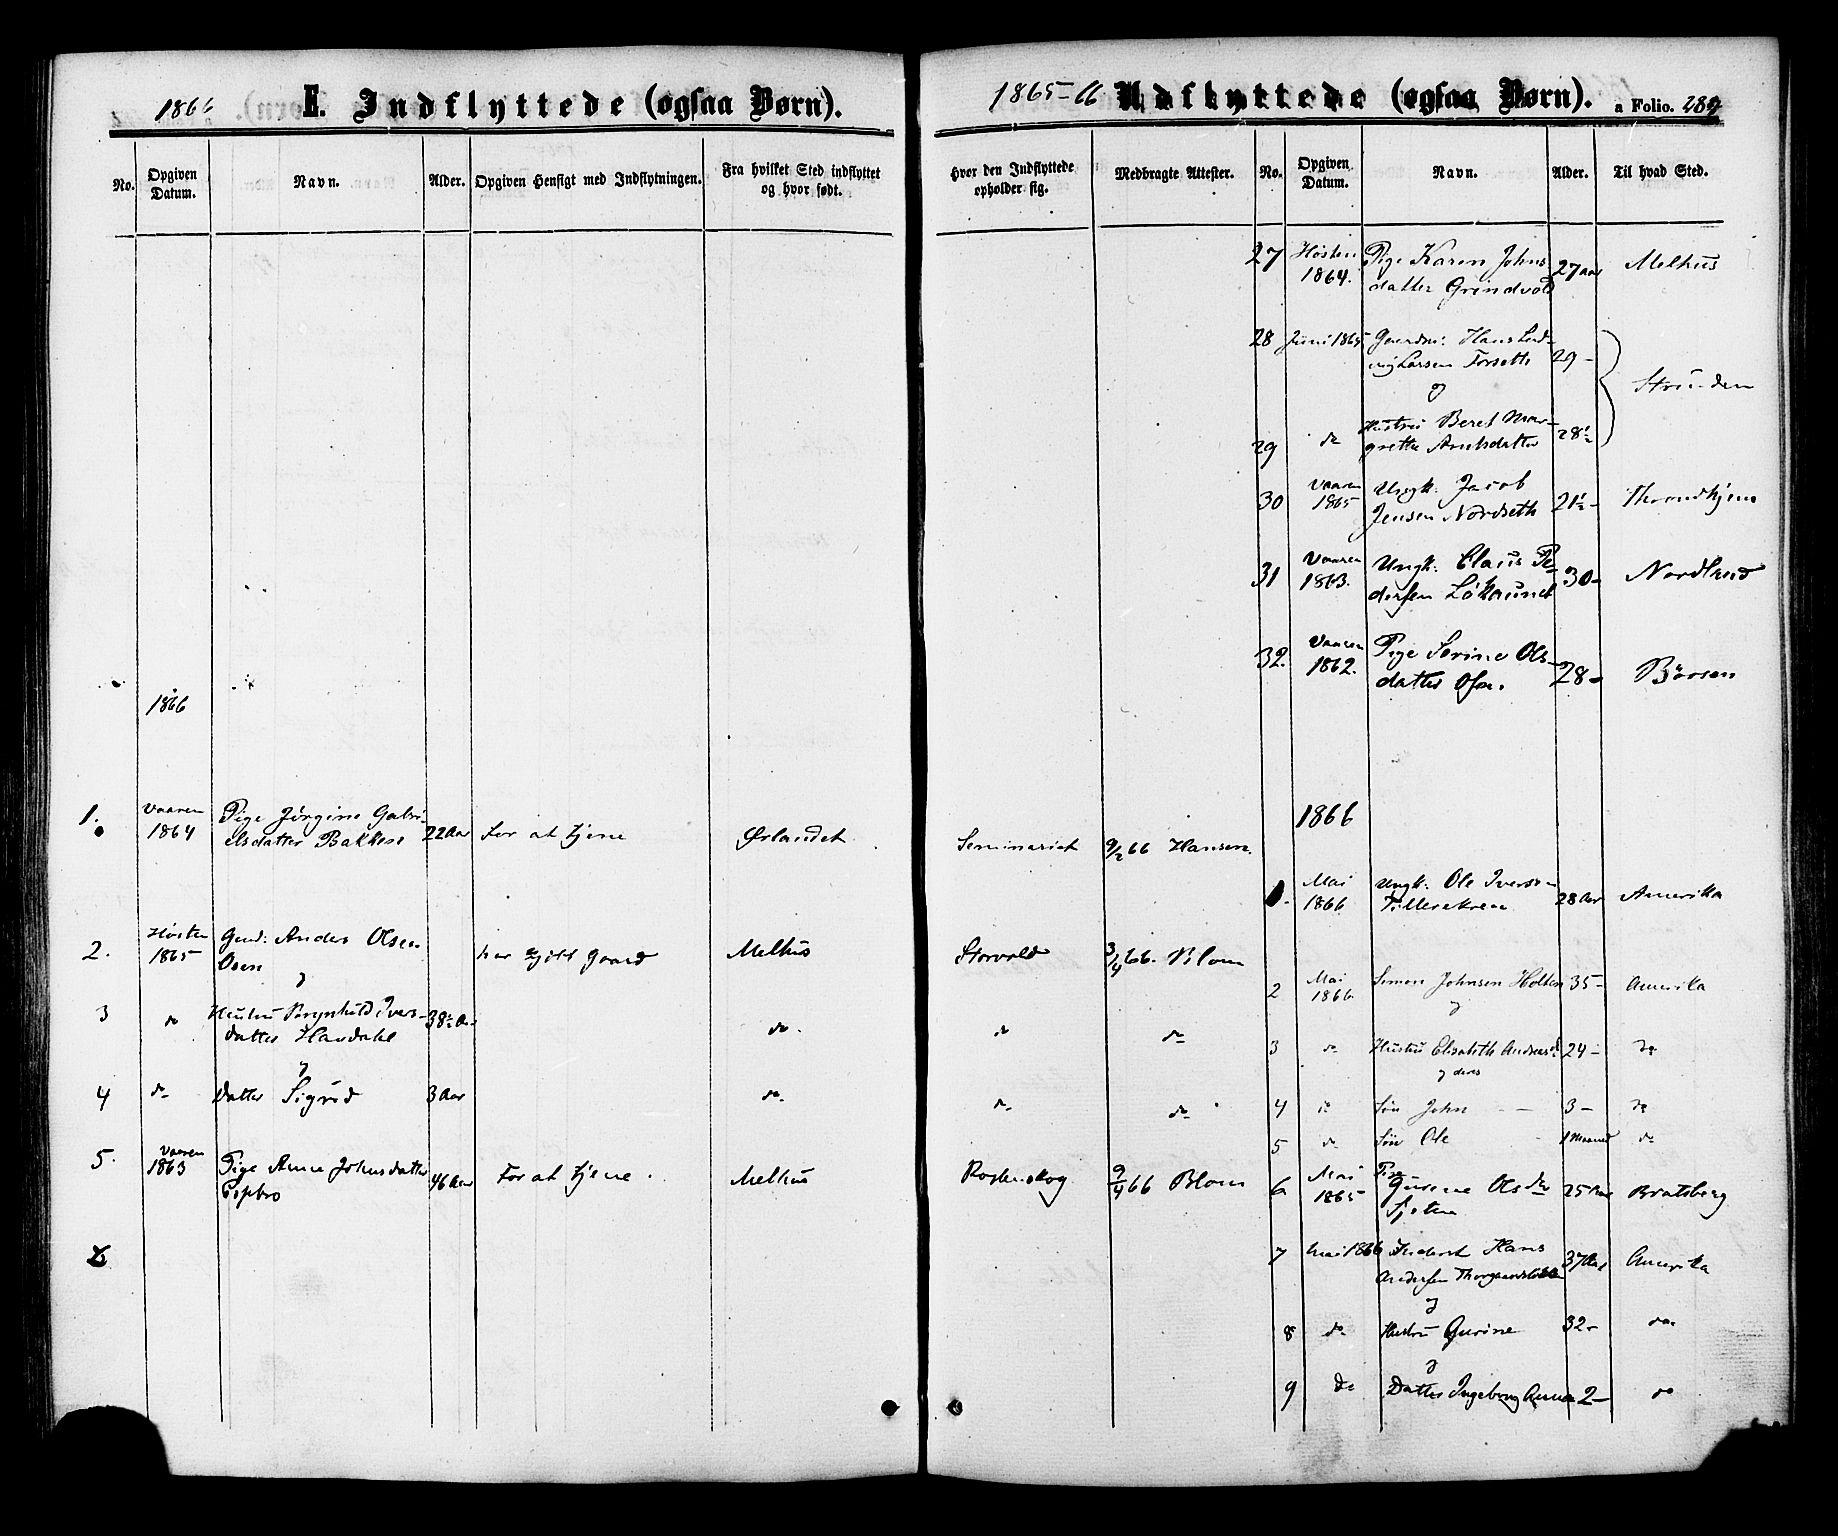 SAT, Ministerialprotokoller, klokkerbøker og fødselsregistre - Sør-Trøndelag, 618/L0442: Ministerialbok nr. 618A06 /1, 1863-1879, s. 284